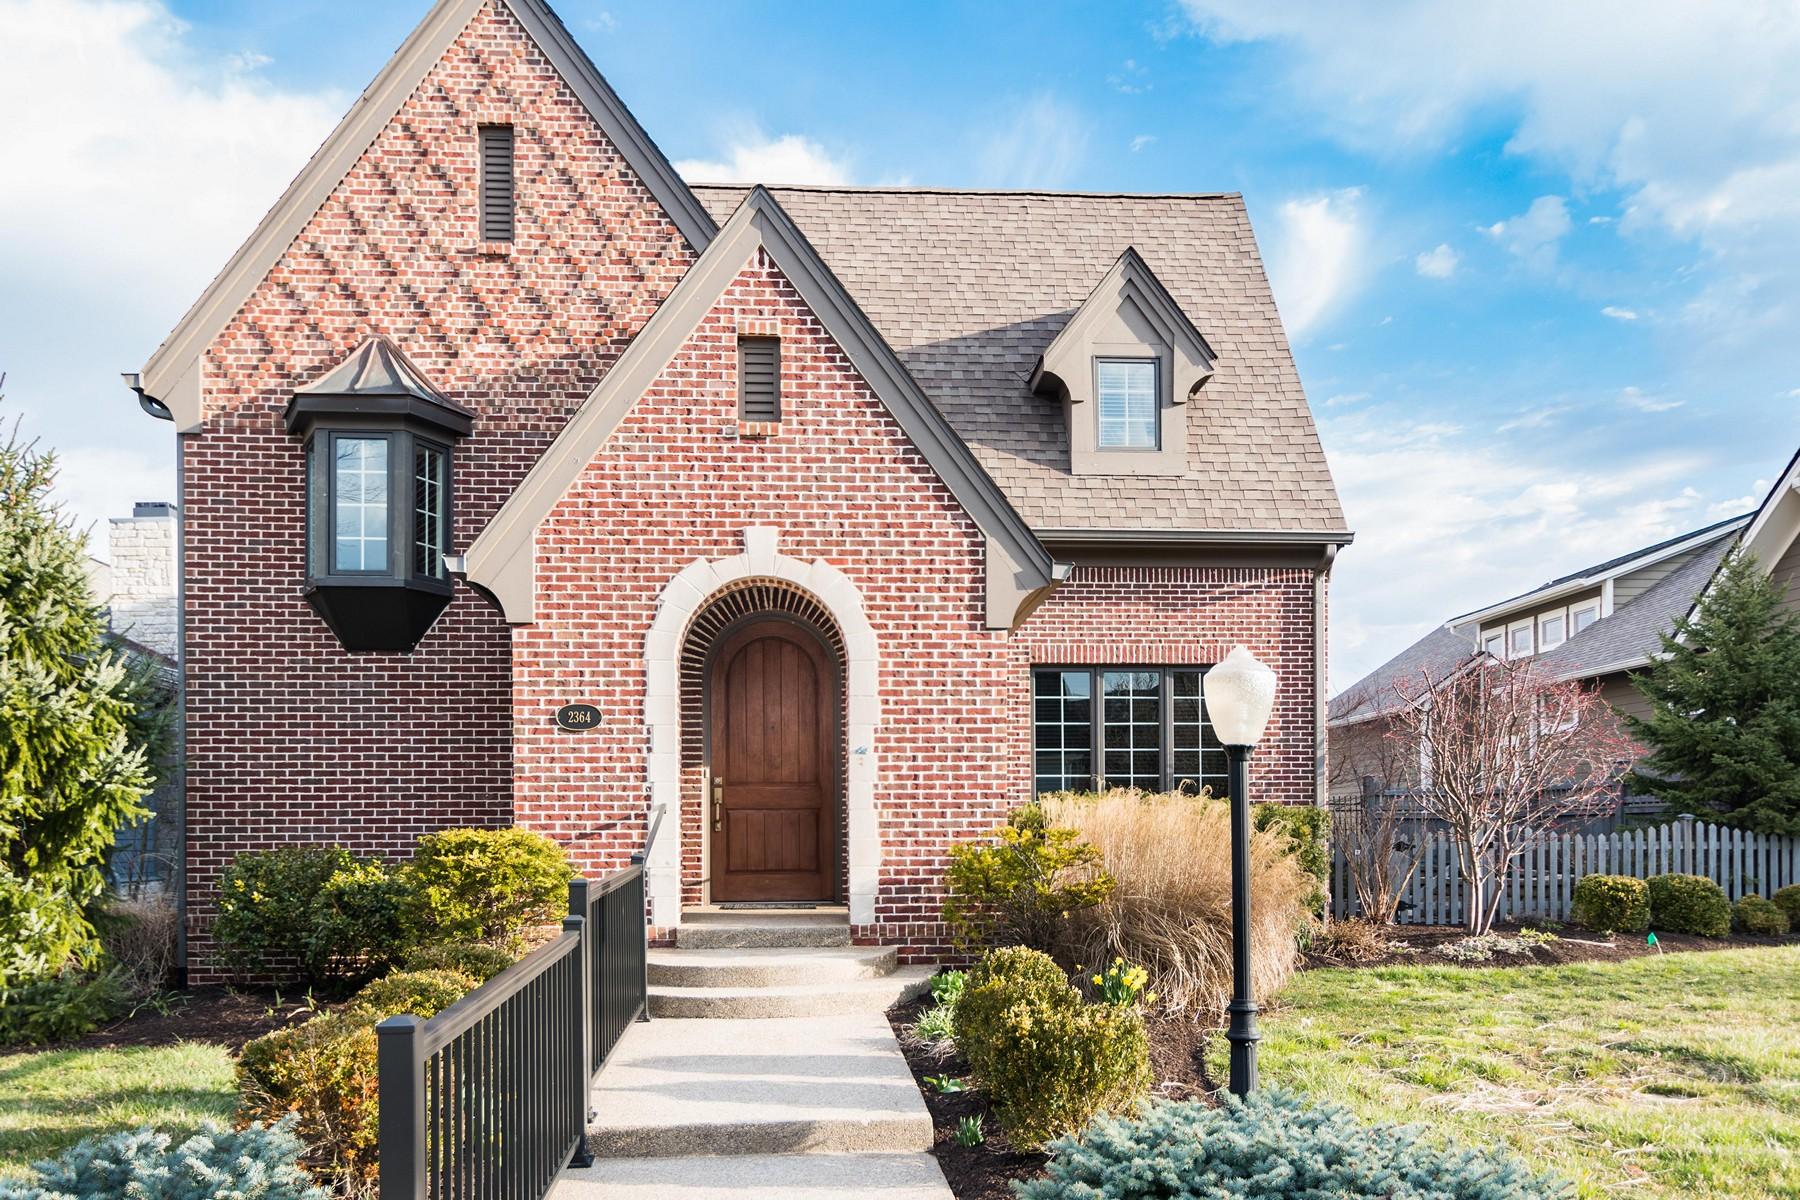 Casa Unifamiliar por un Venta en Impeccable Brick Tudor Home 2364 Shaftesbury Road Carmel, Indiana, 46032 Estados Unidos